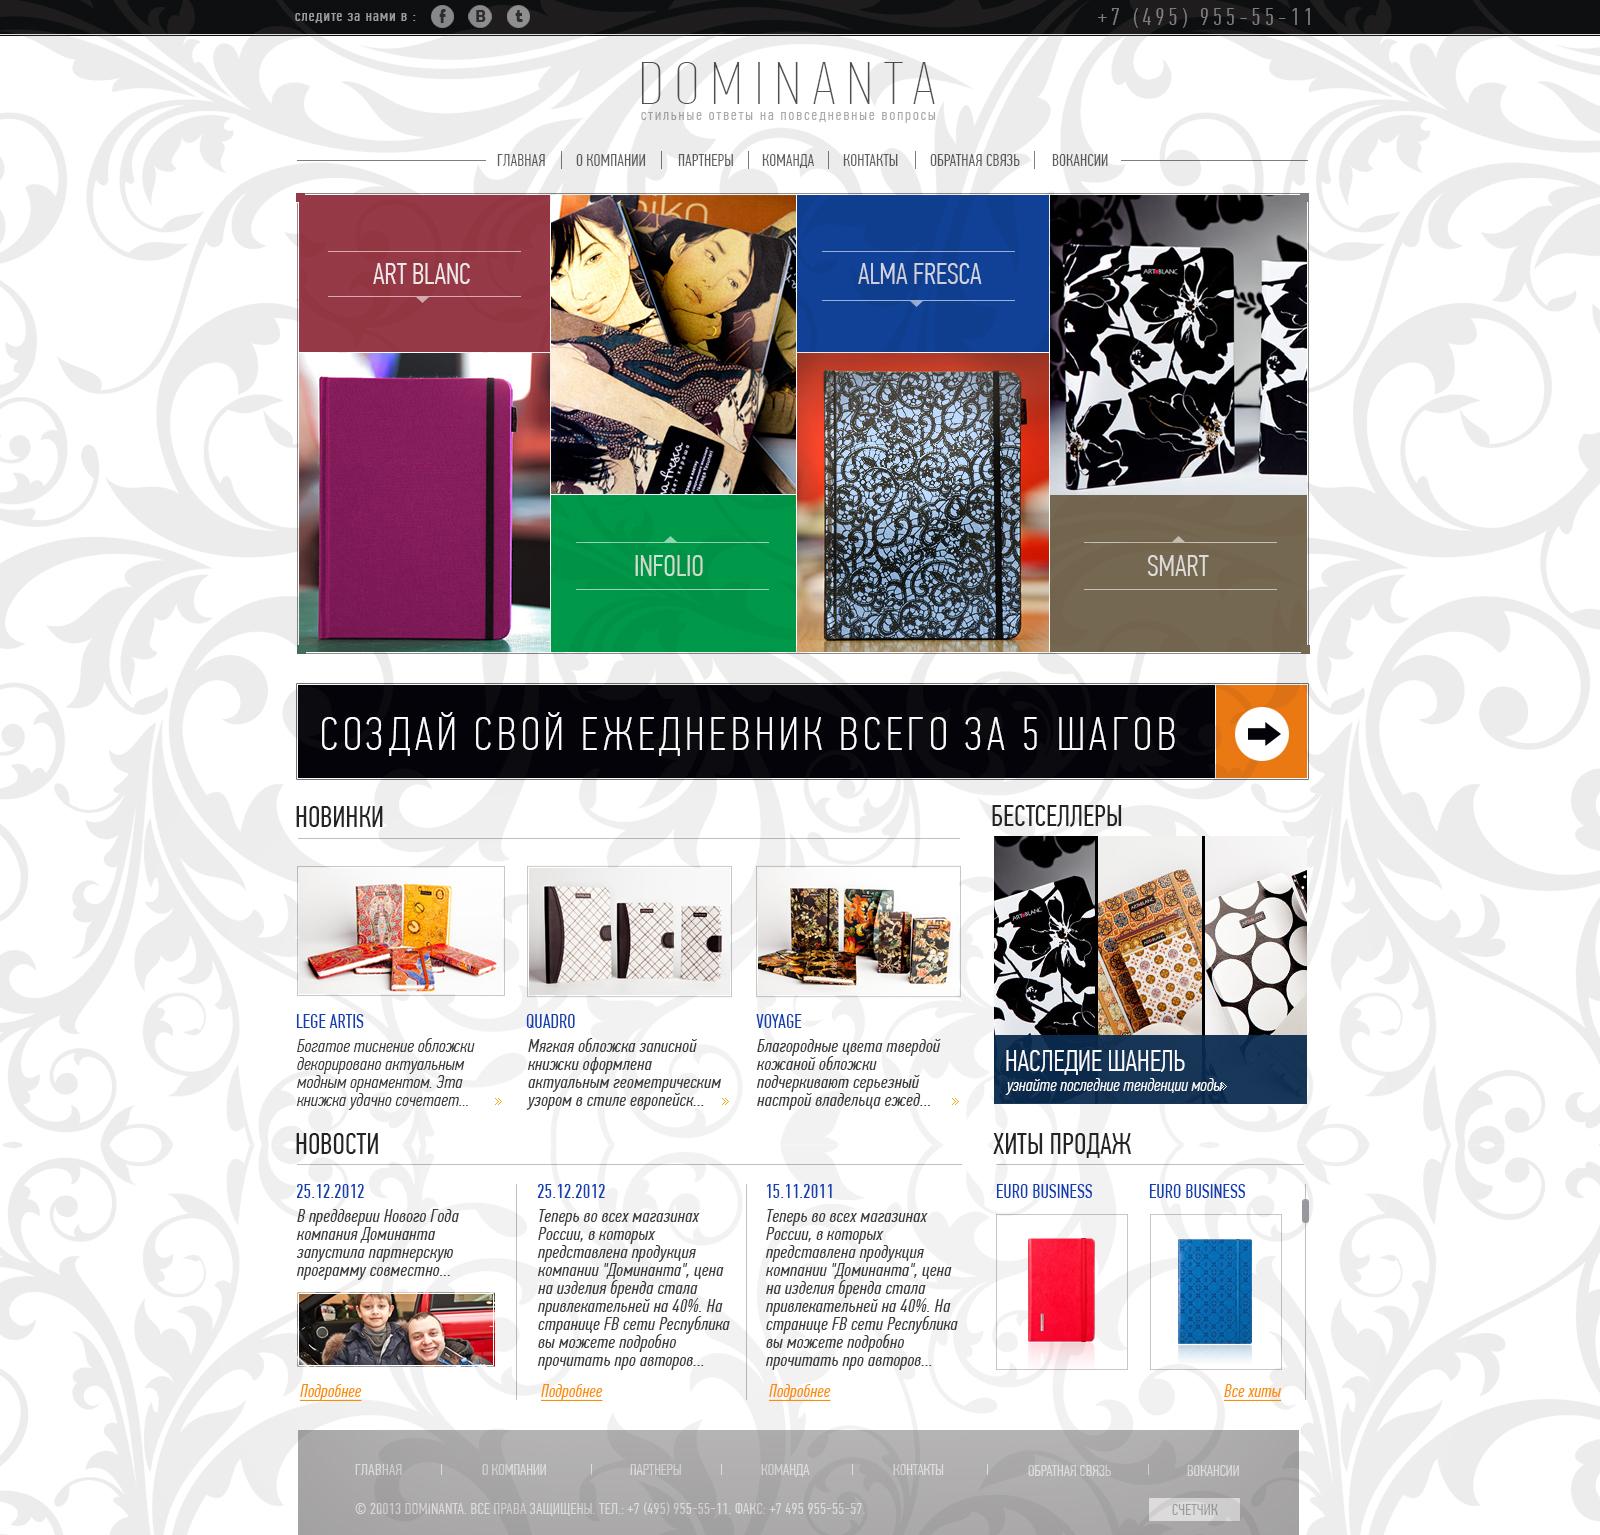 Разработка дизайна Главной страницы для компании Dominanta